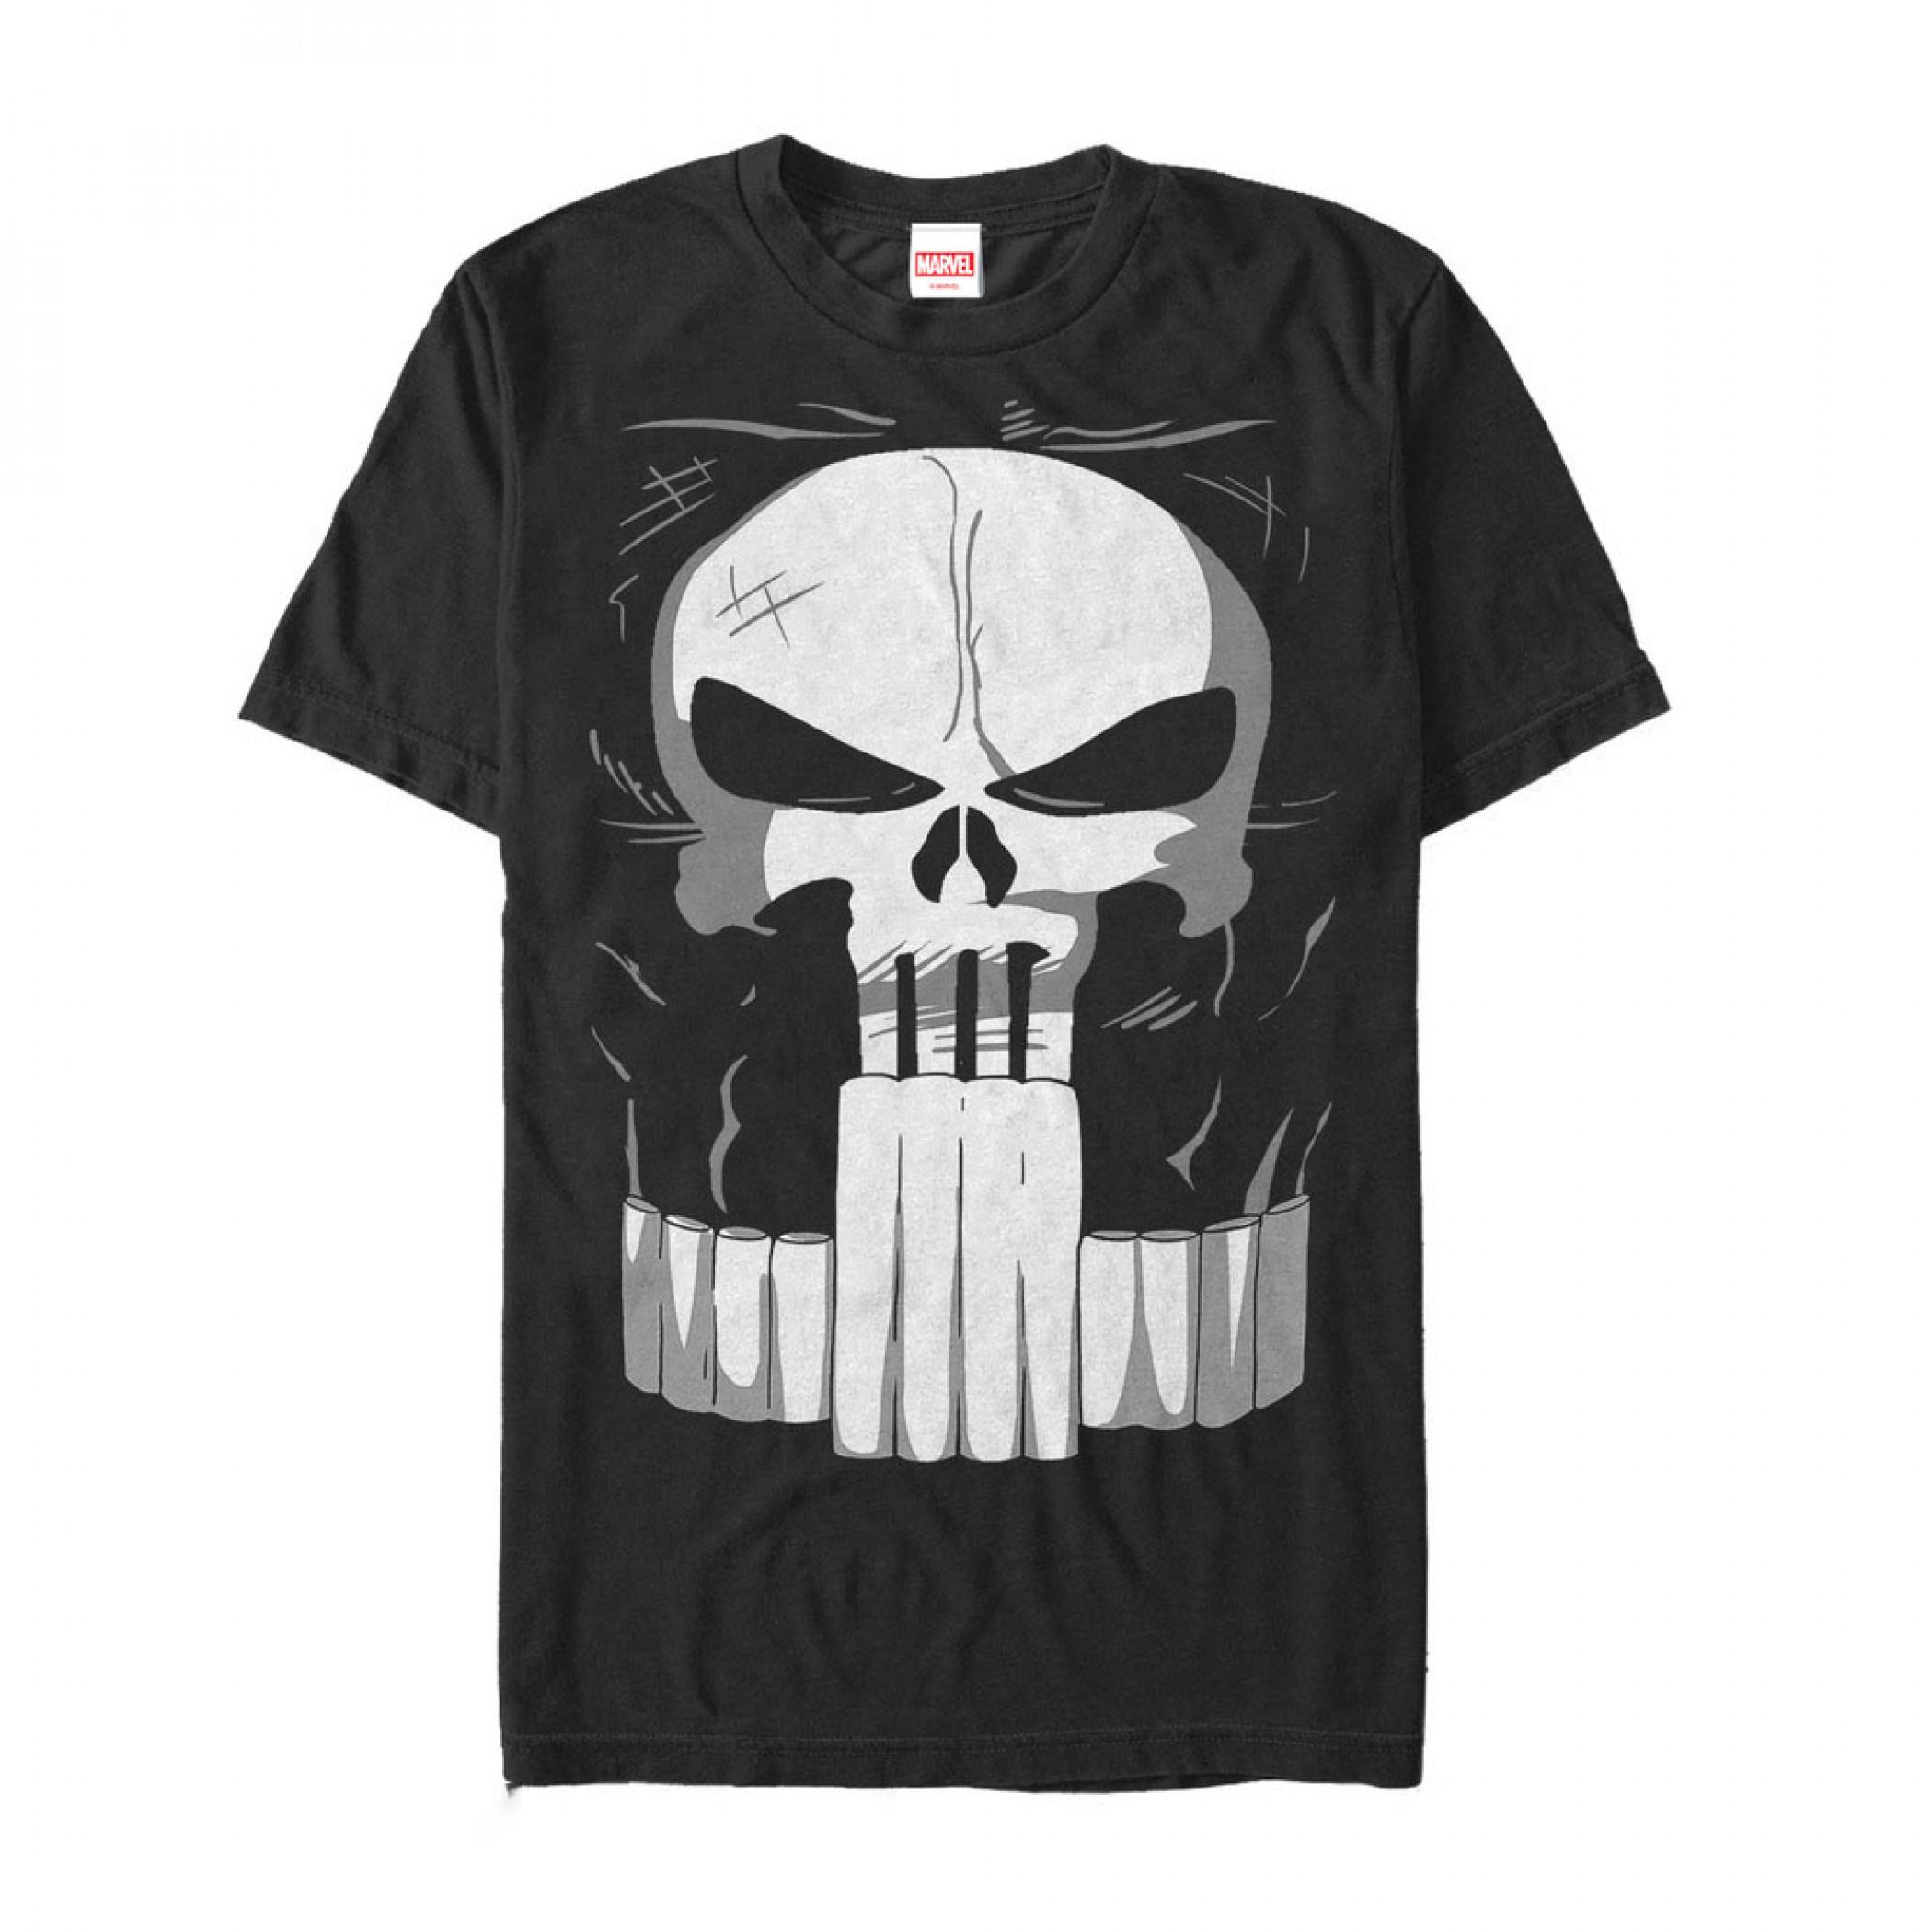 Punisher Costume T-Shirt